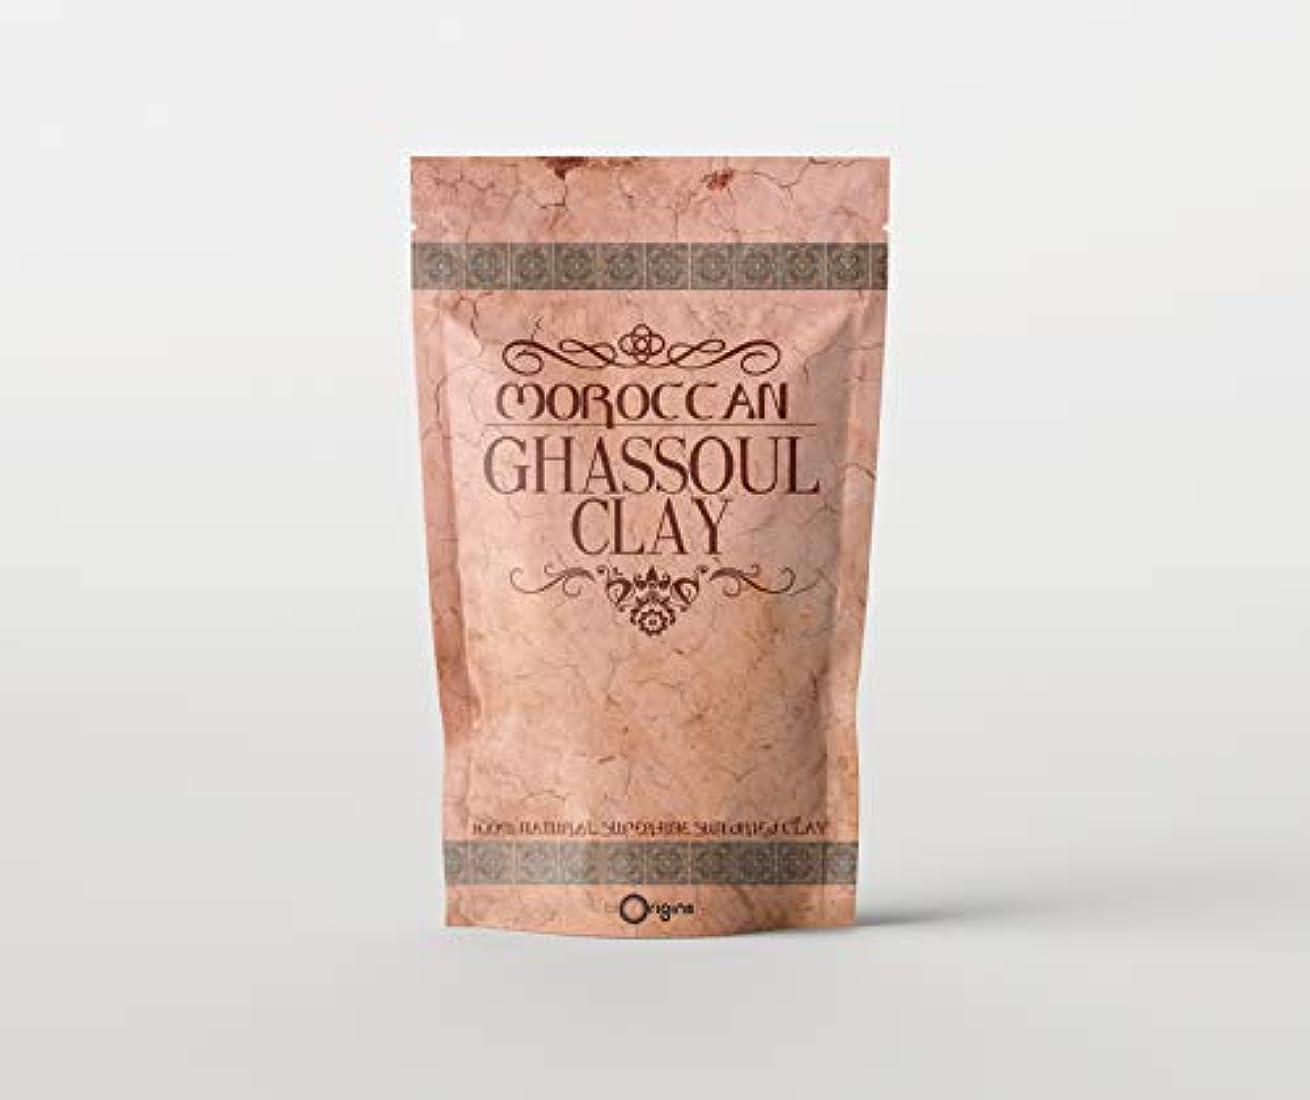 ケイ素主要な回想Ghassoul (Rhassoul) Clay - 500g